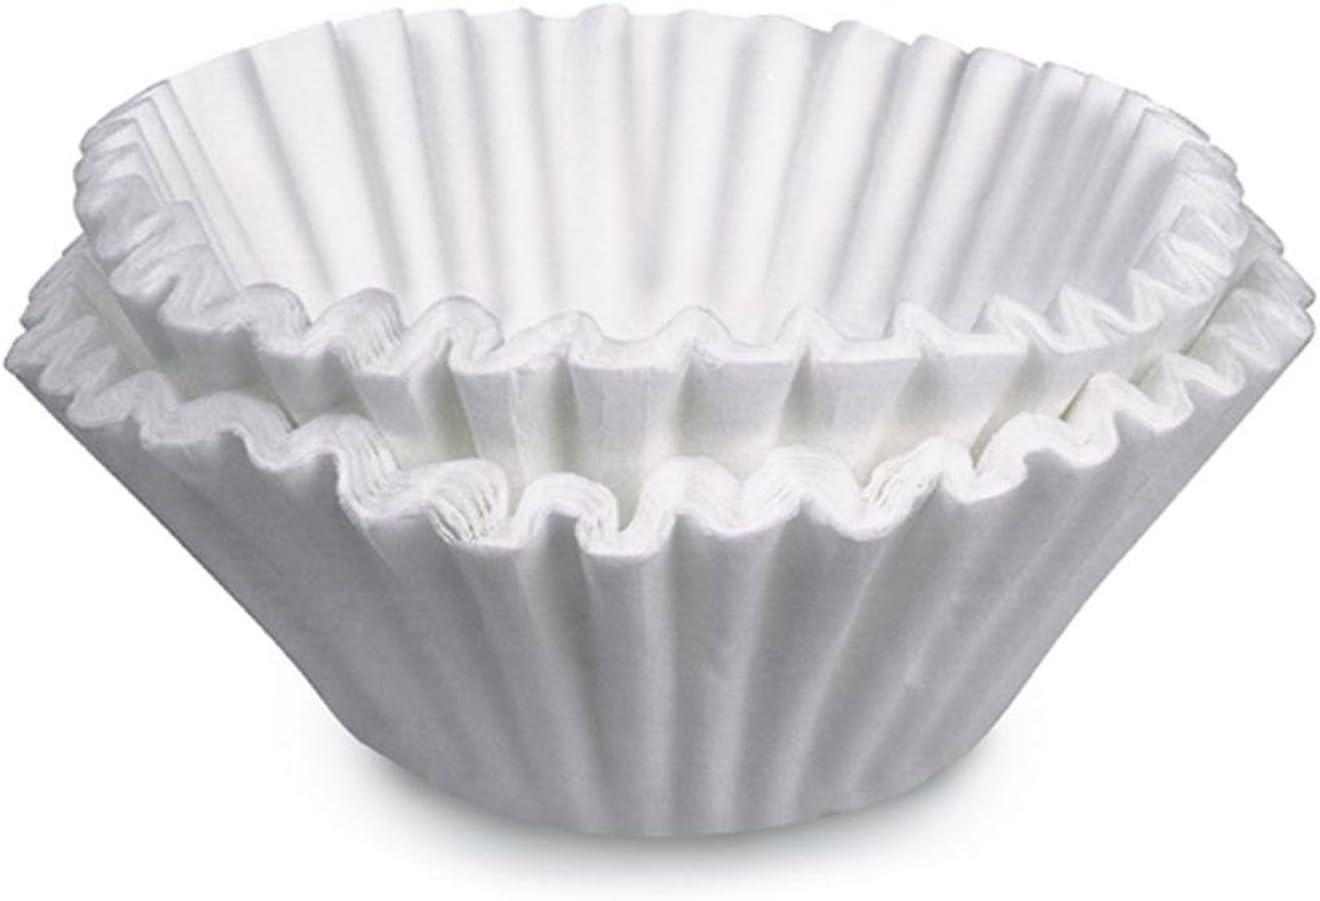 Brew-Rite コーヒーフィルター (バンスタイル) - 業務用 - 12カップ - 1,000枚 (2)